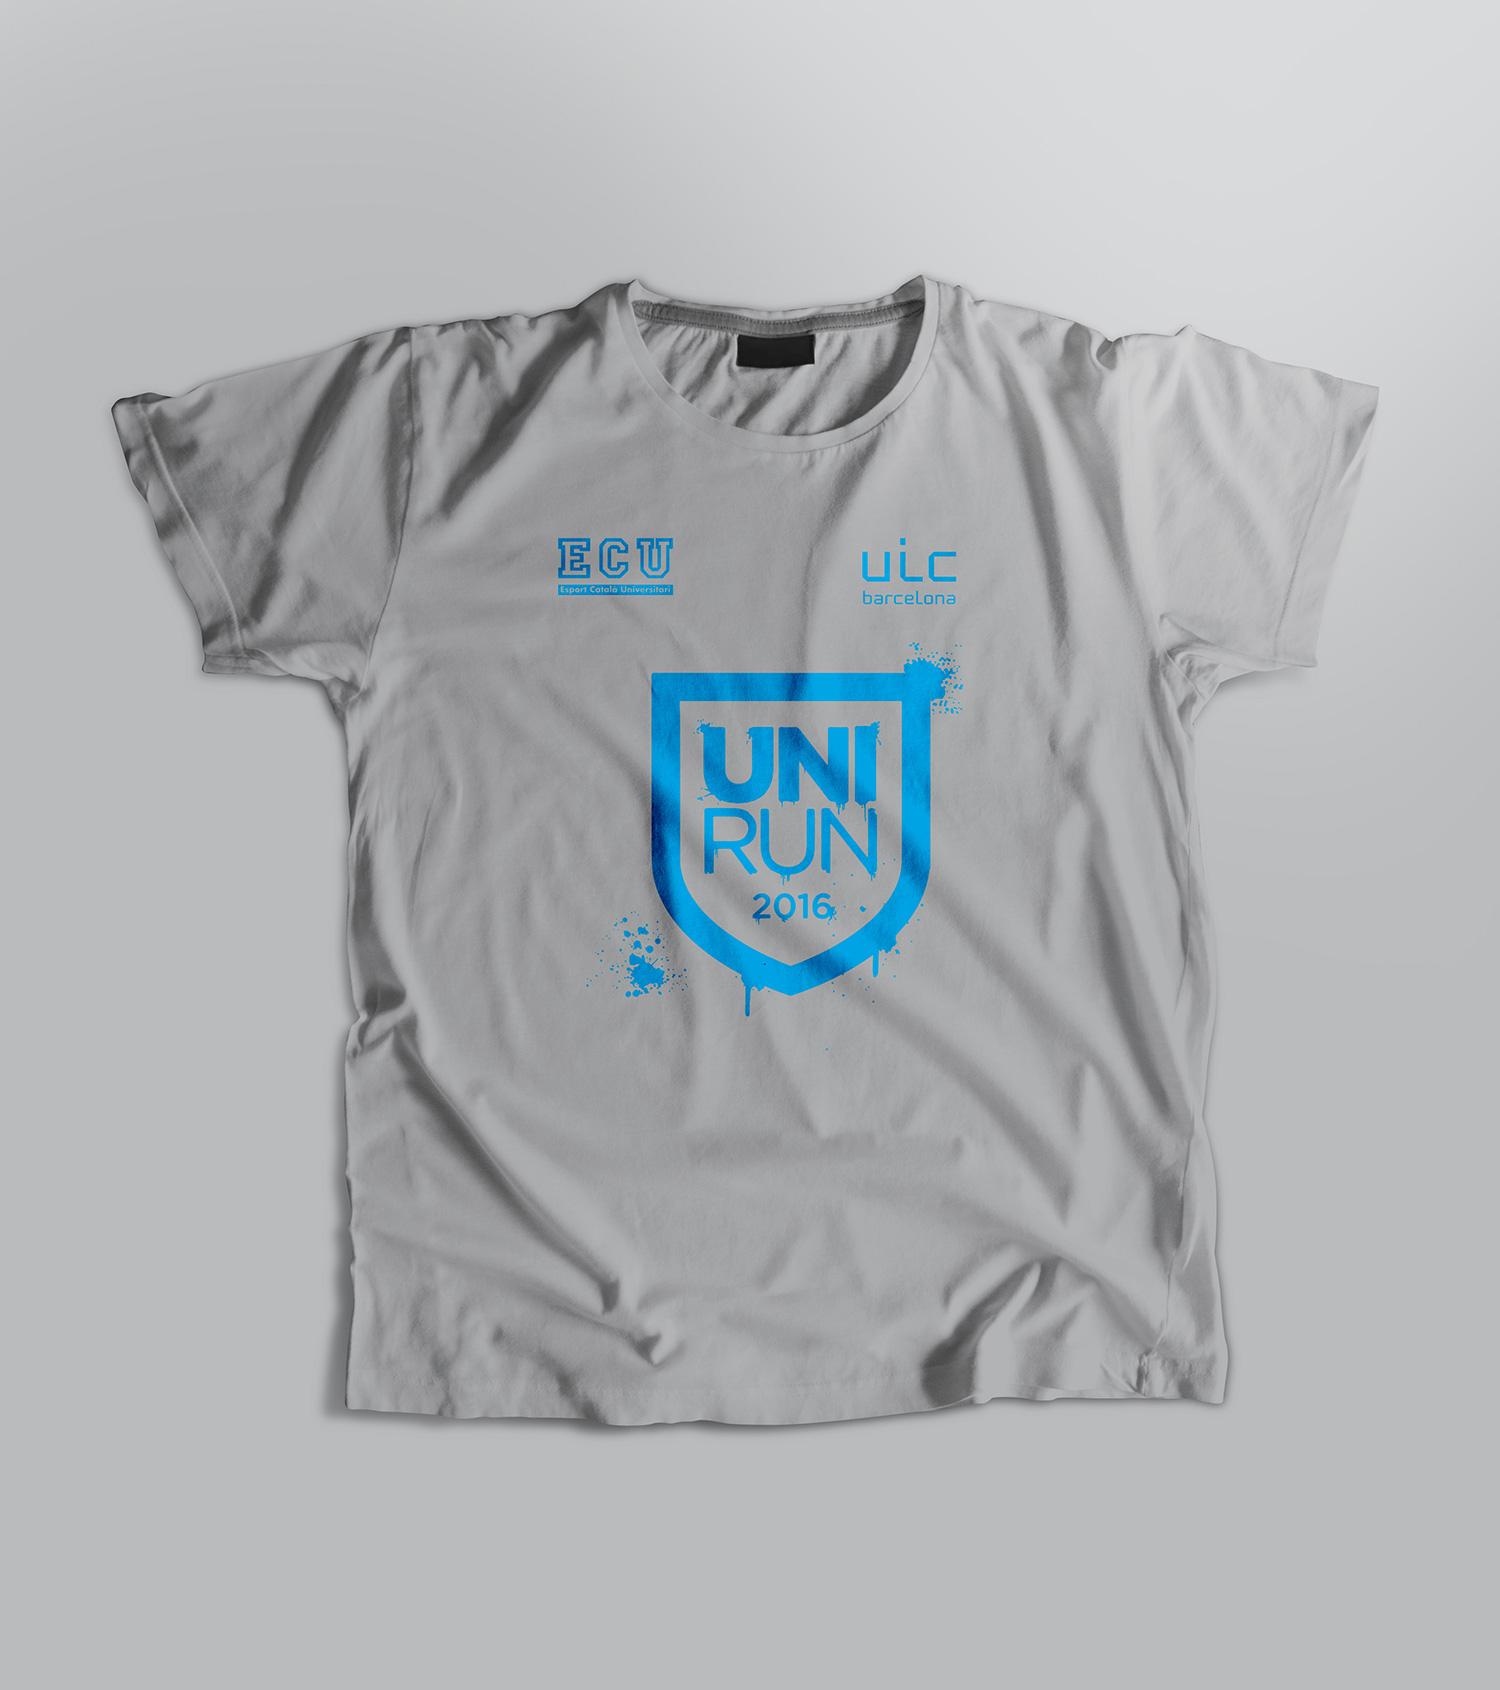 camisetas-unirun-2016-6